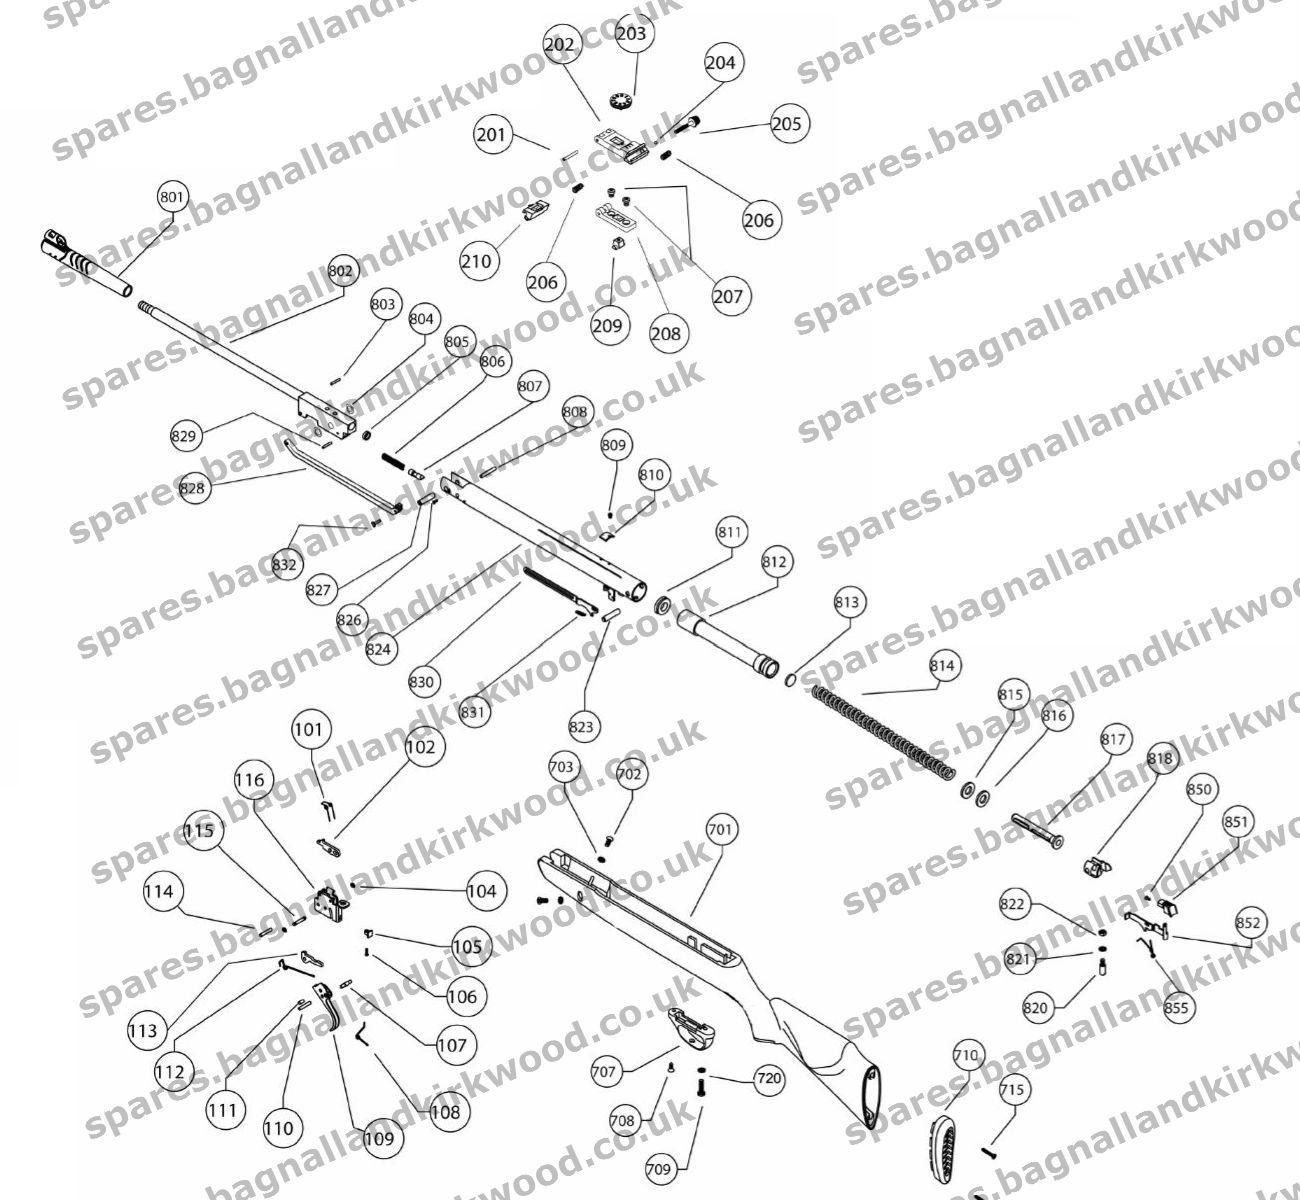 Webley Spector Spare Parts